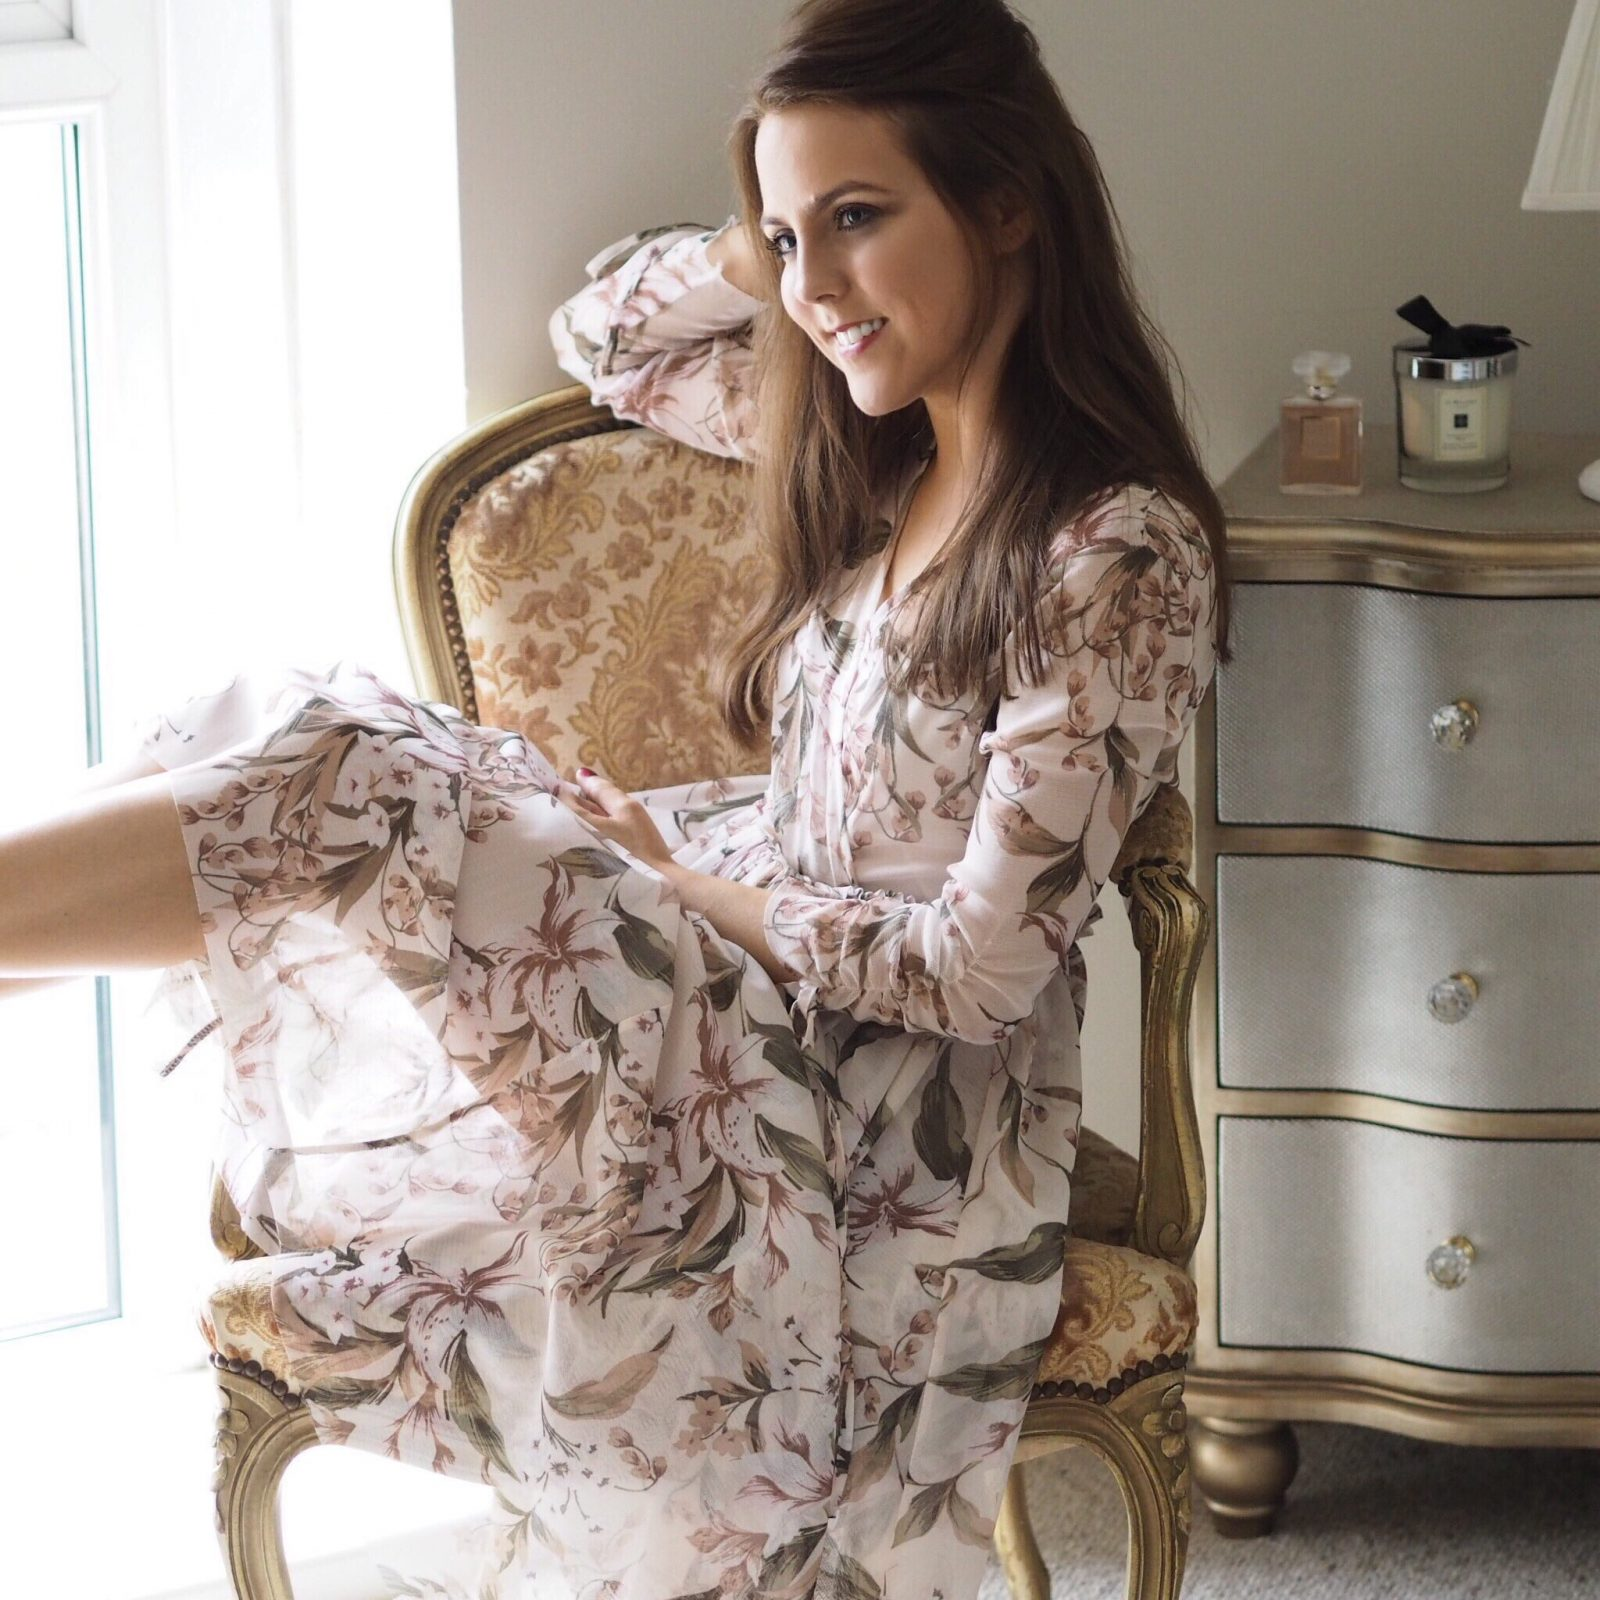 Topshop pink floral dress